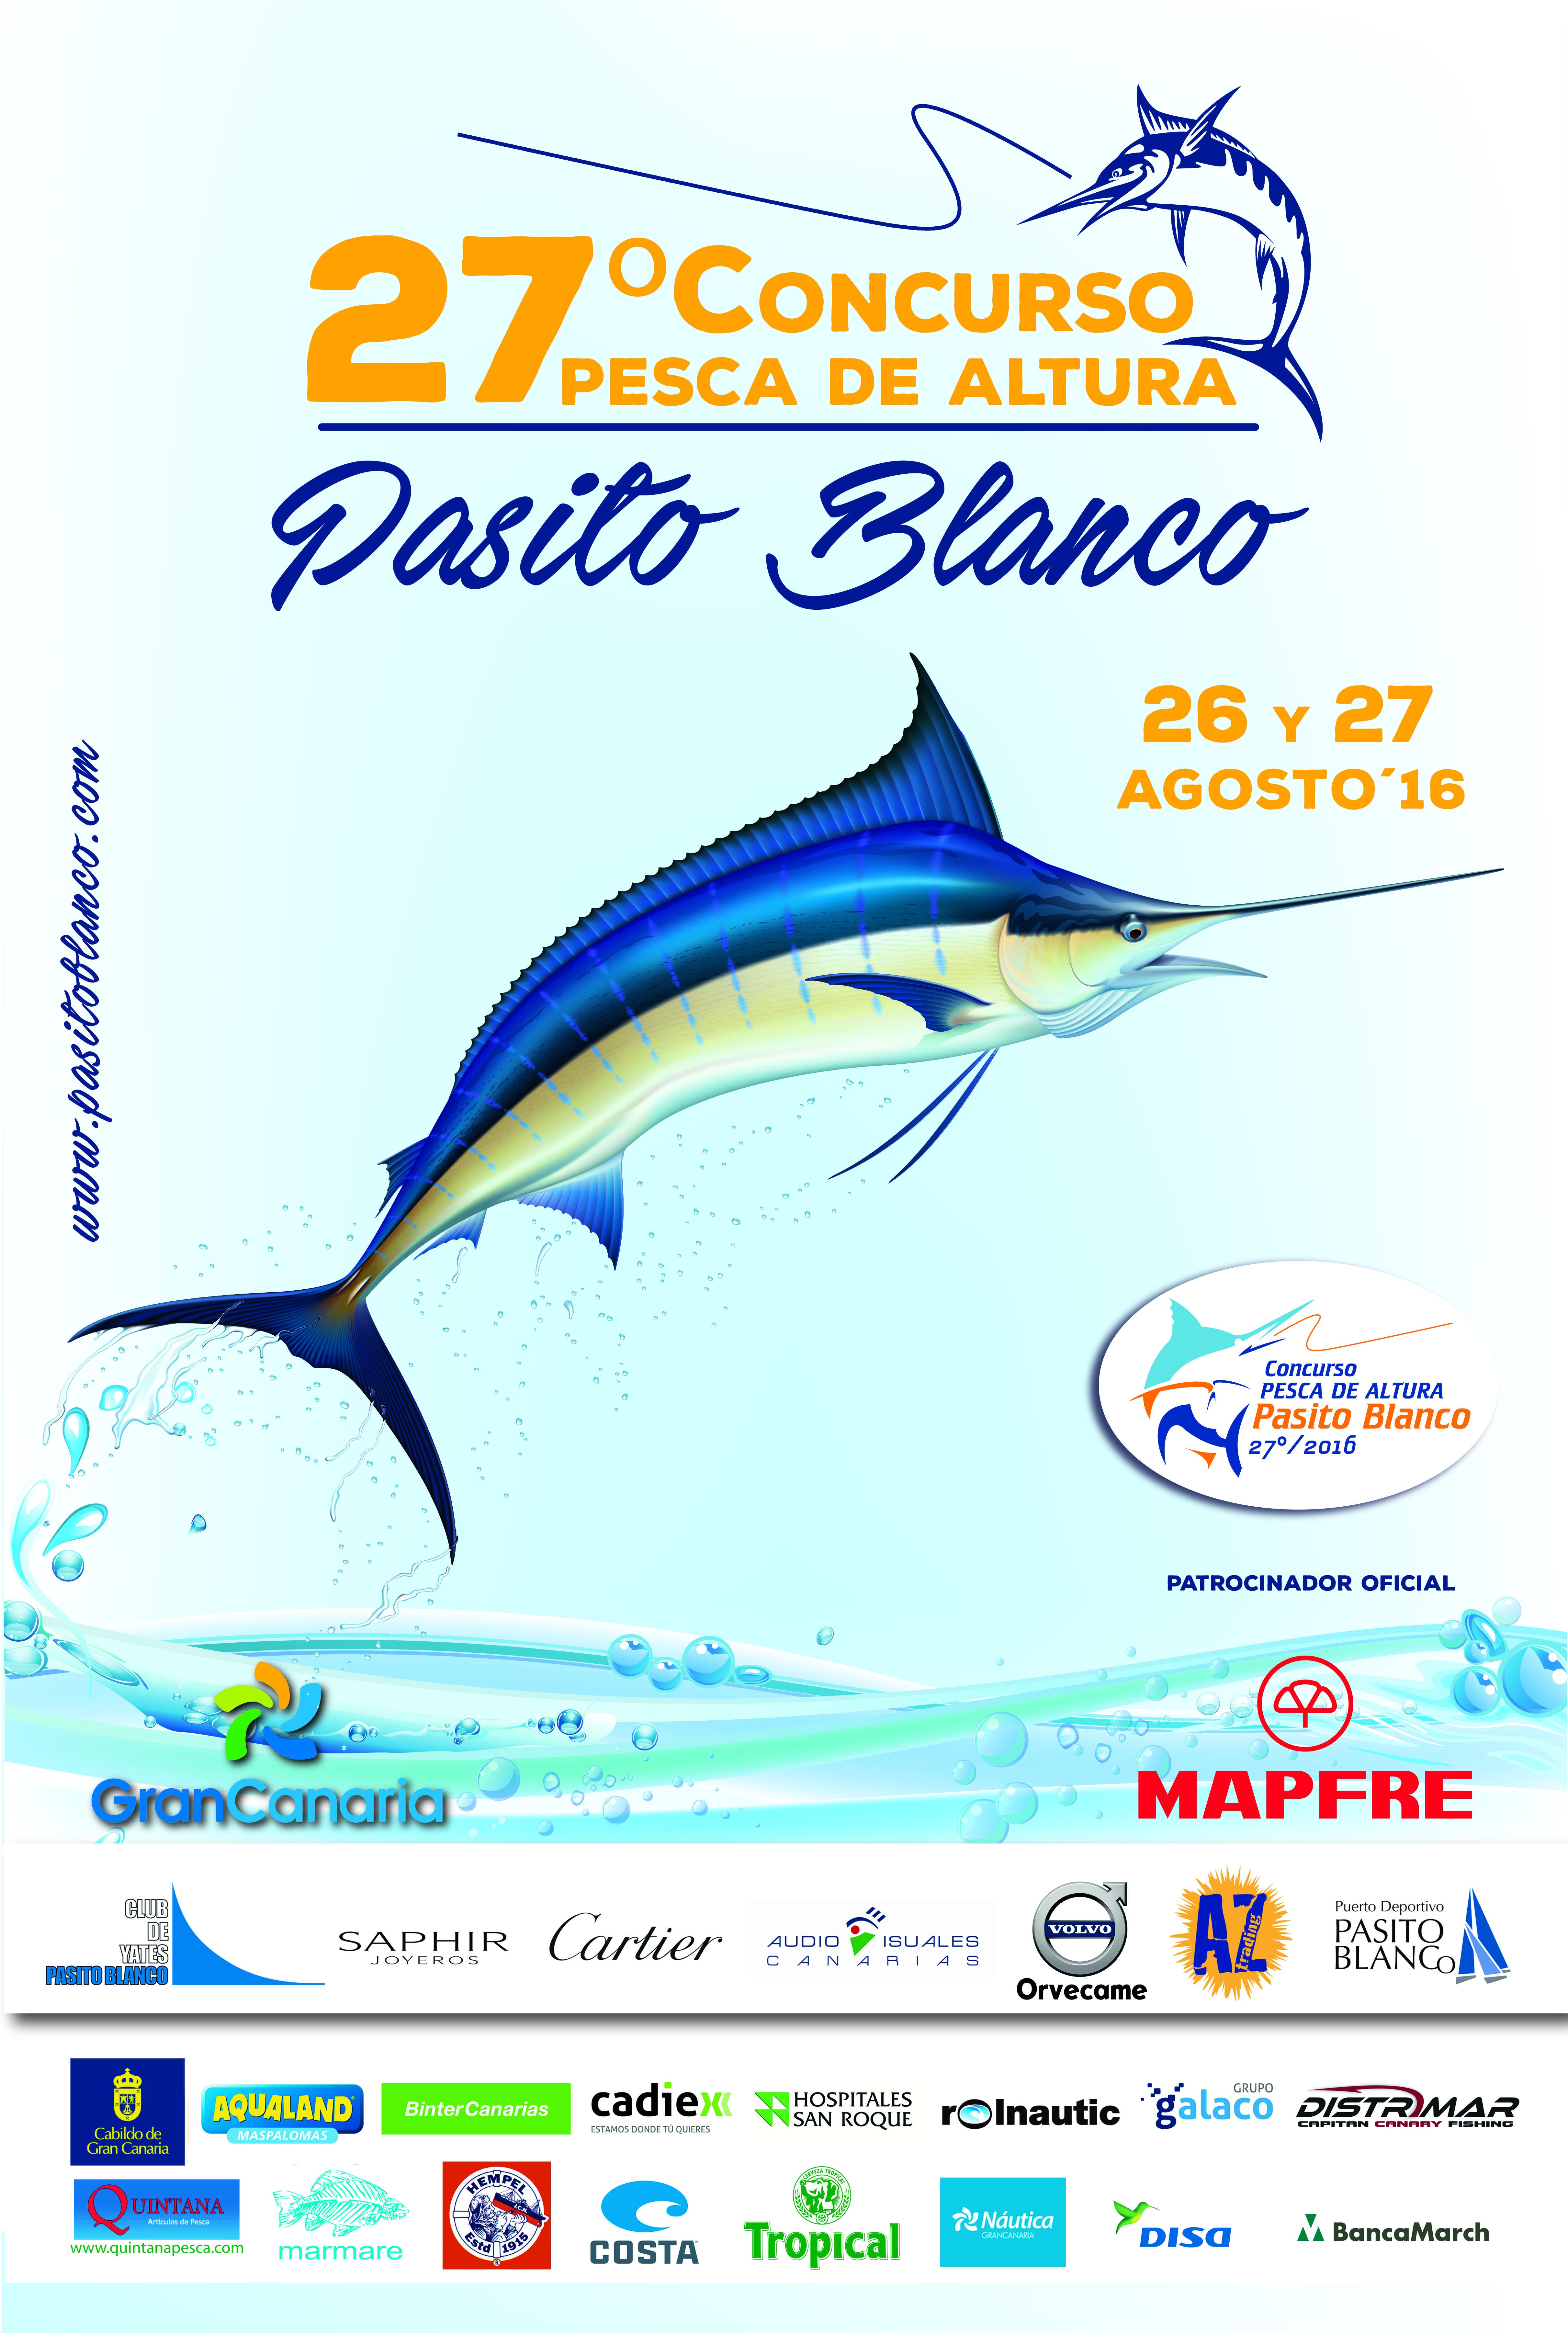 Cartel del 27º Concurso de Pesca de Altura Pasito Blanco - 2016